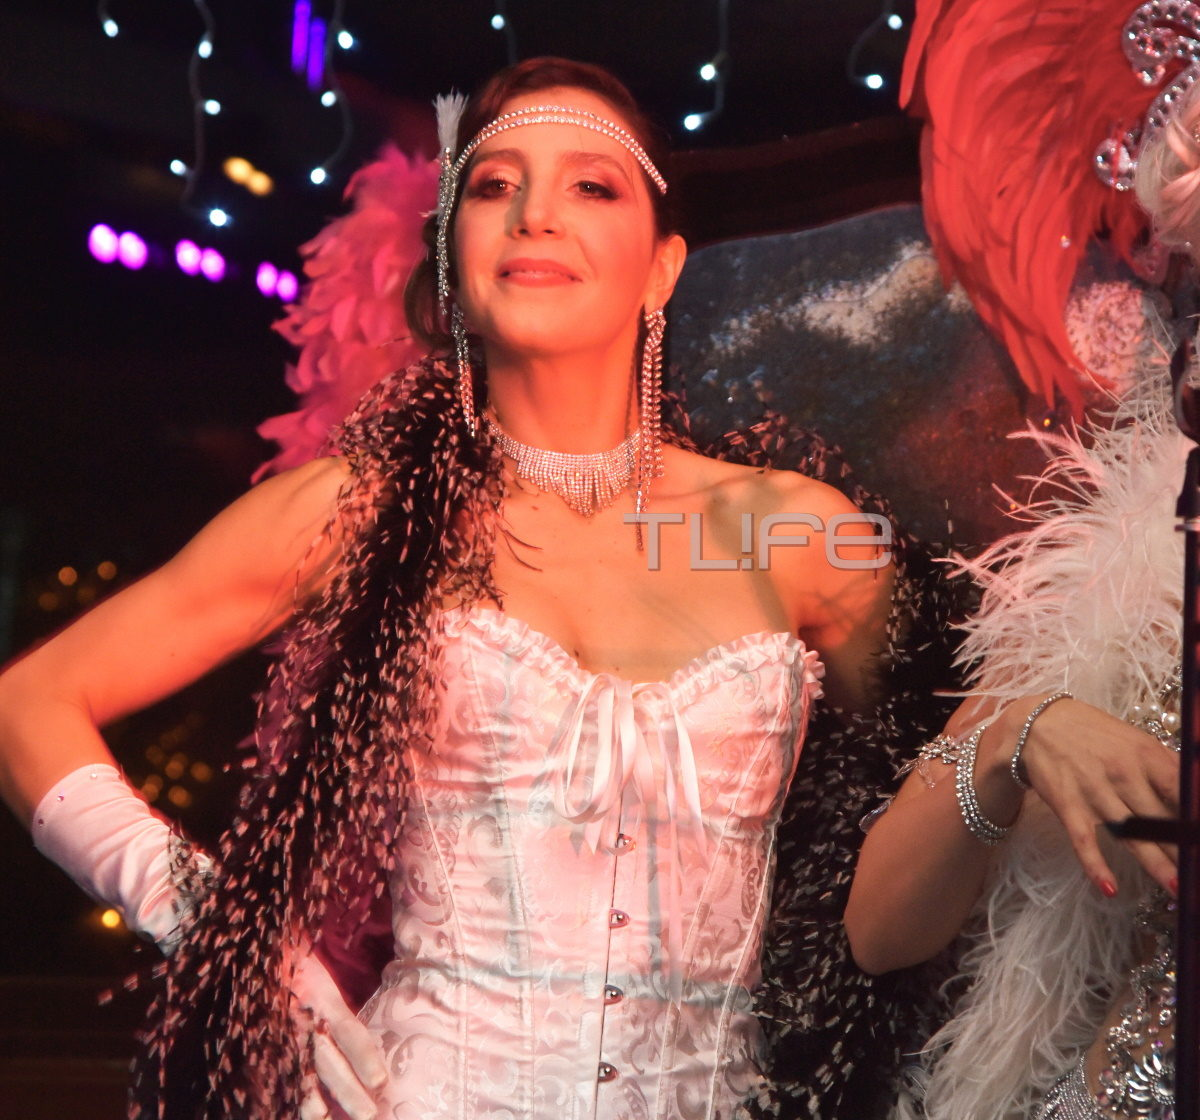 Mαρία Ελένη Λυκουρέζου: Χόρεψε σε καμπαρέ show και ήταν απλά υπέροχη! Φωτογραφίες   tlife.gr